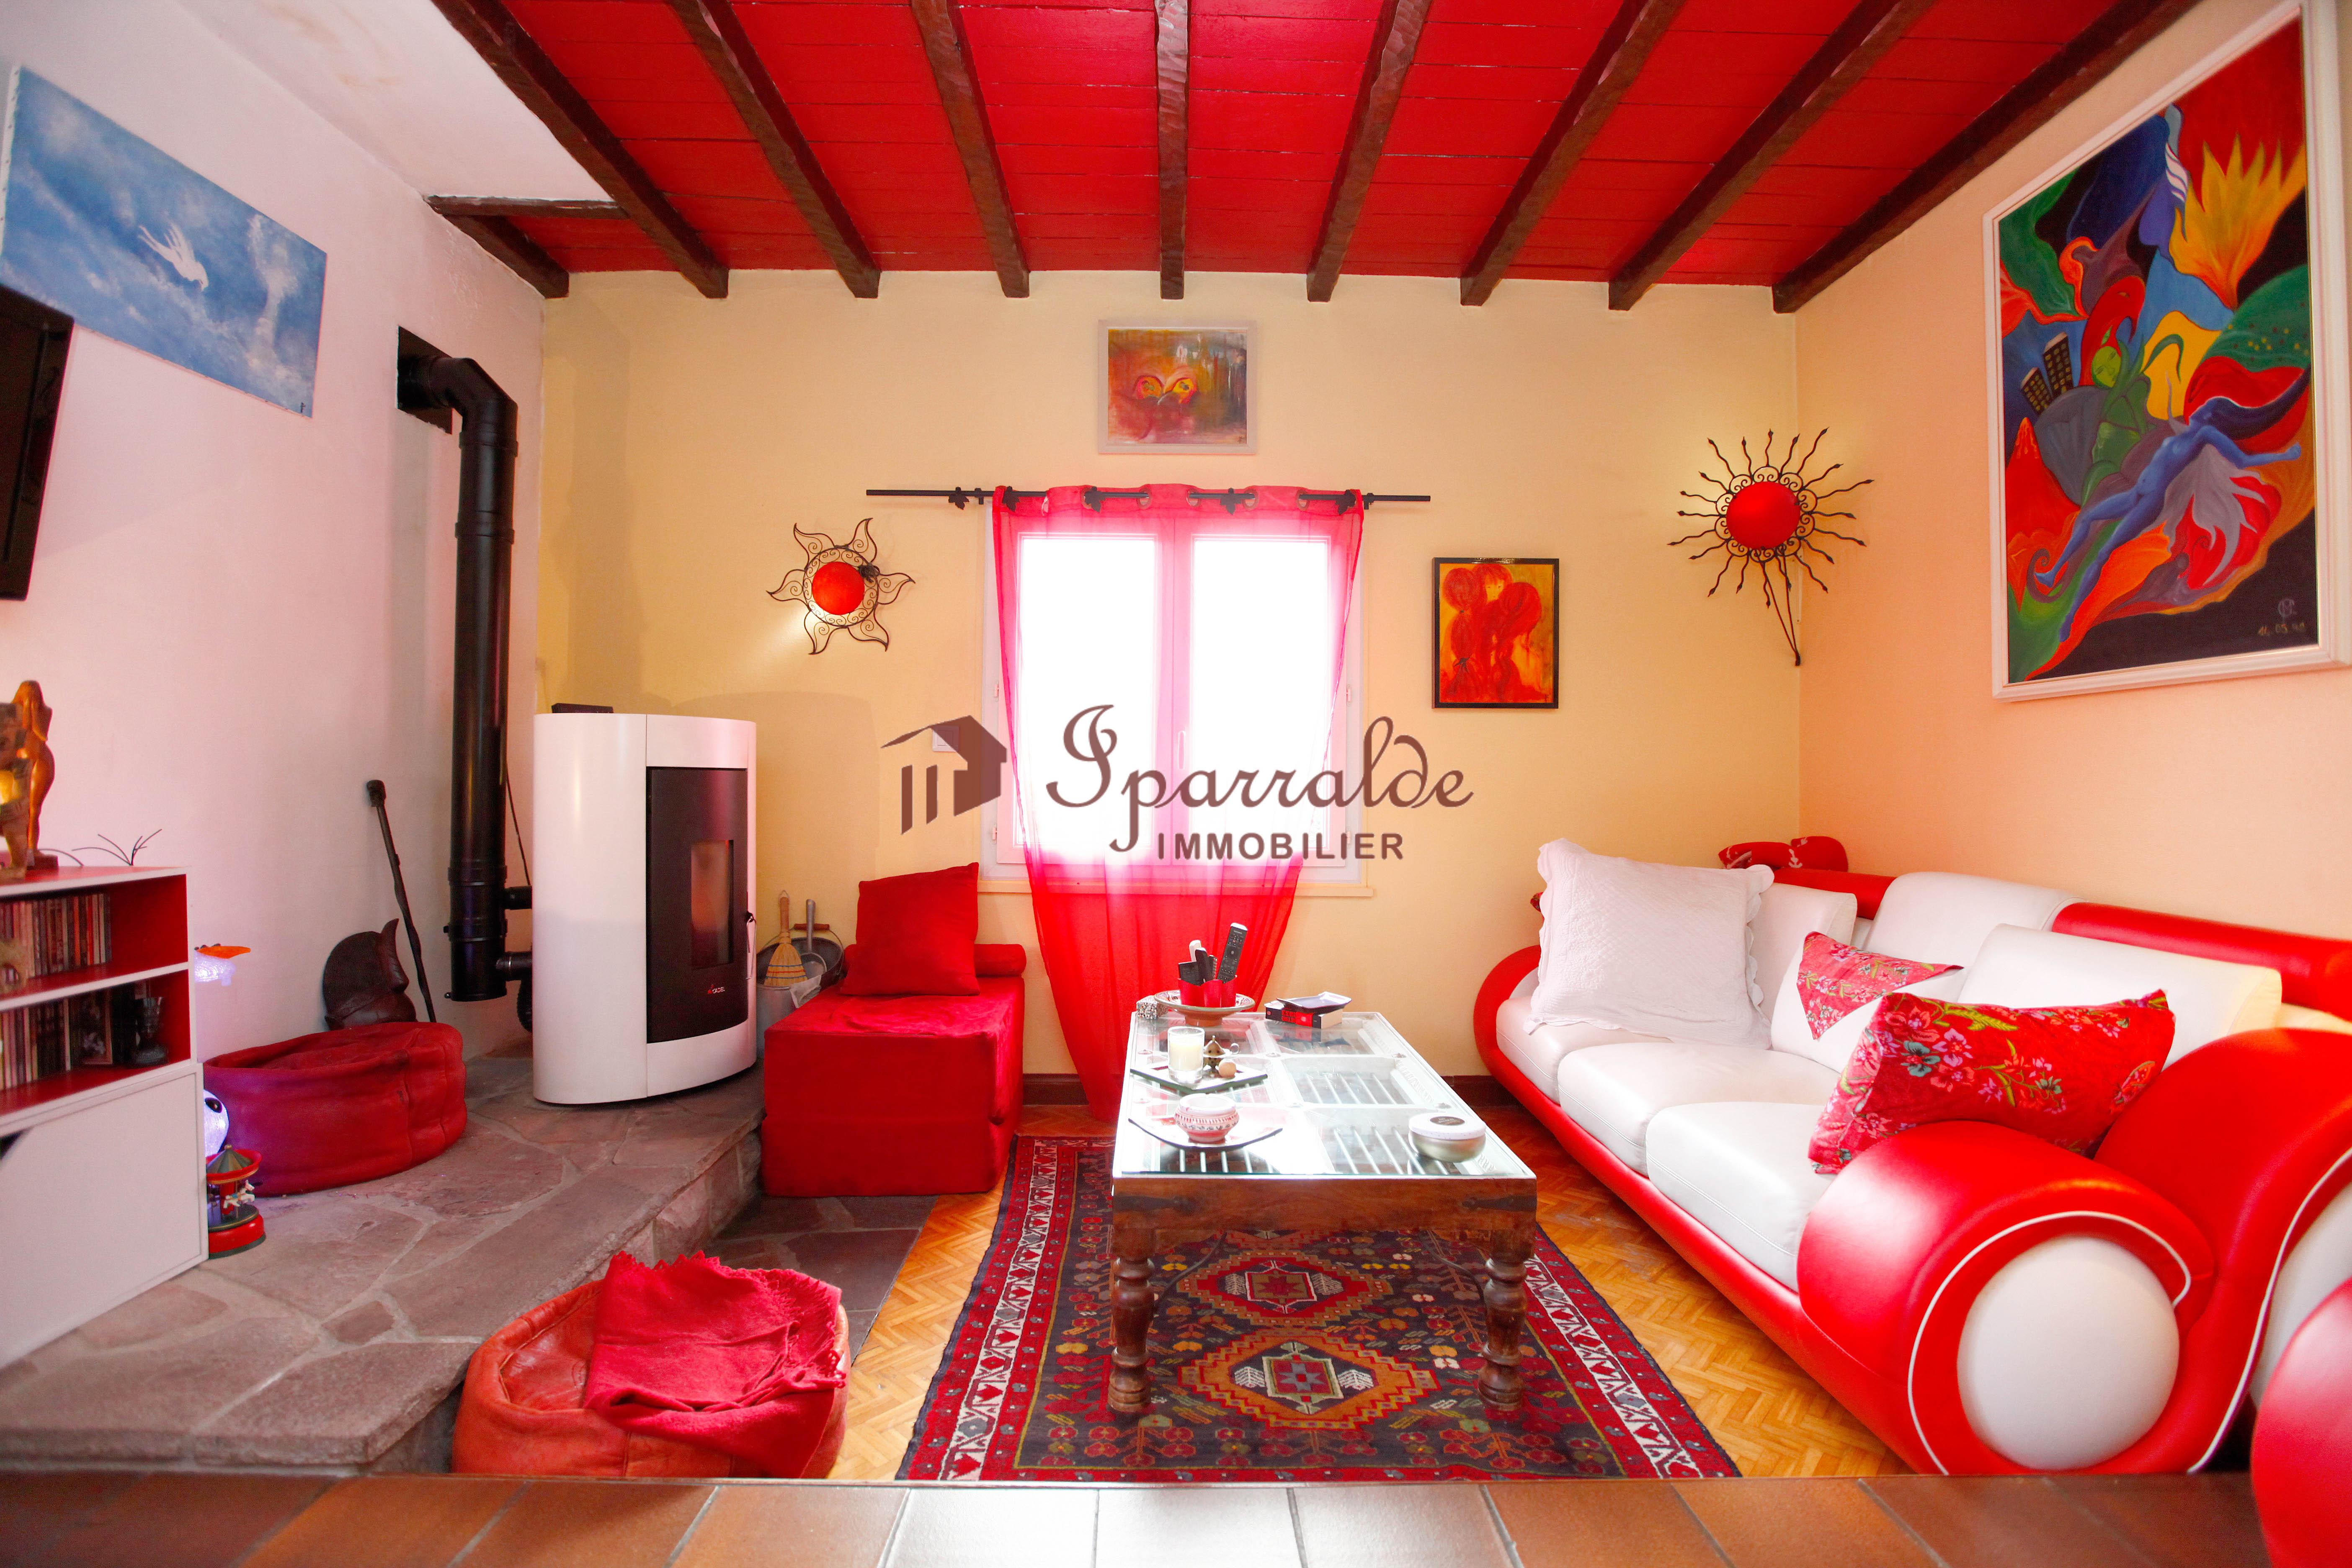 Magnifique maison individuelle située  à 10 minutes de la Plage.